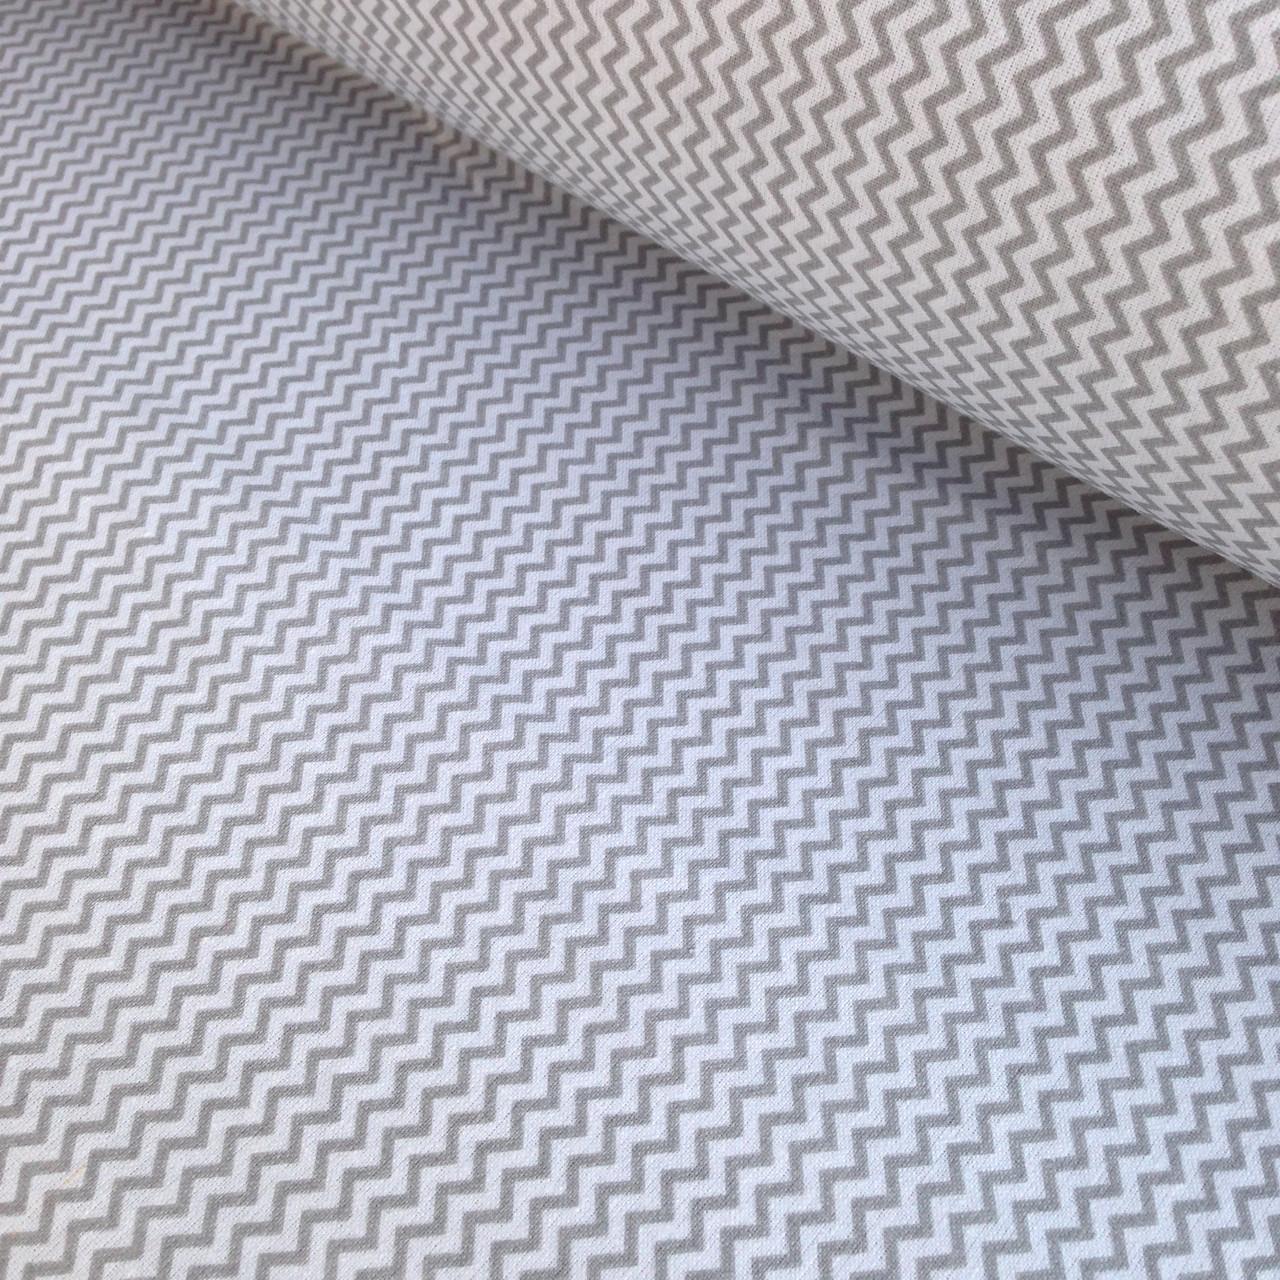 Хлопковая ткань польская зигзаг мелкий серый № 331